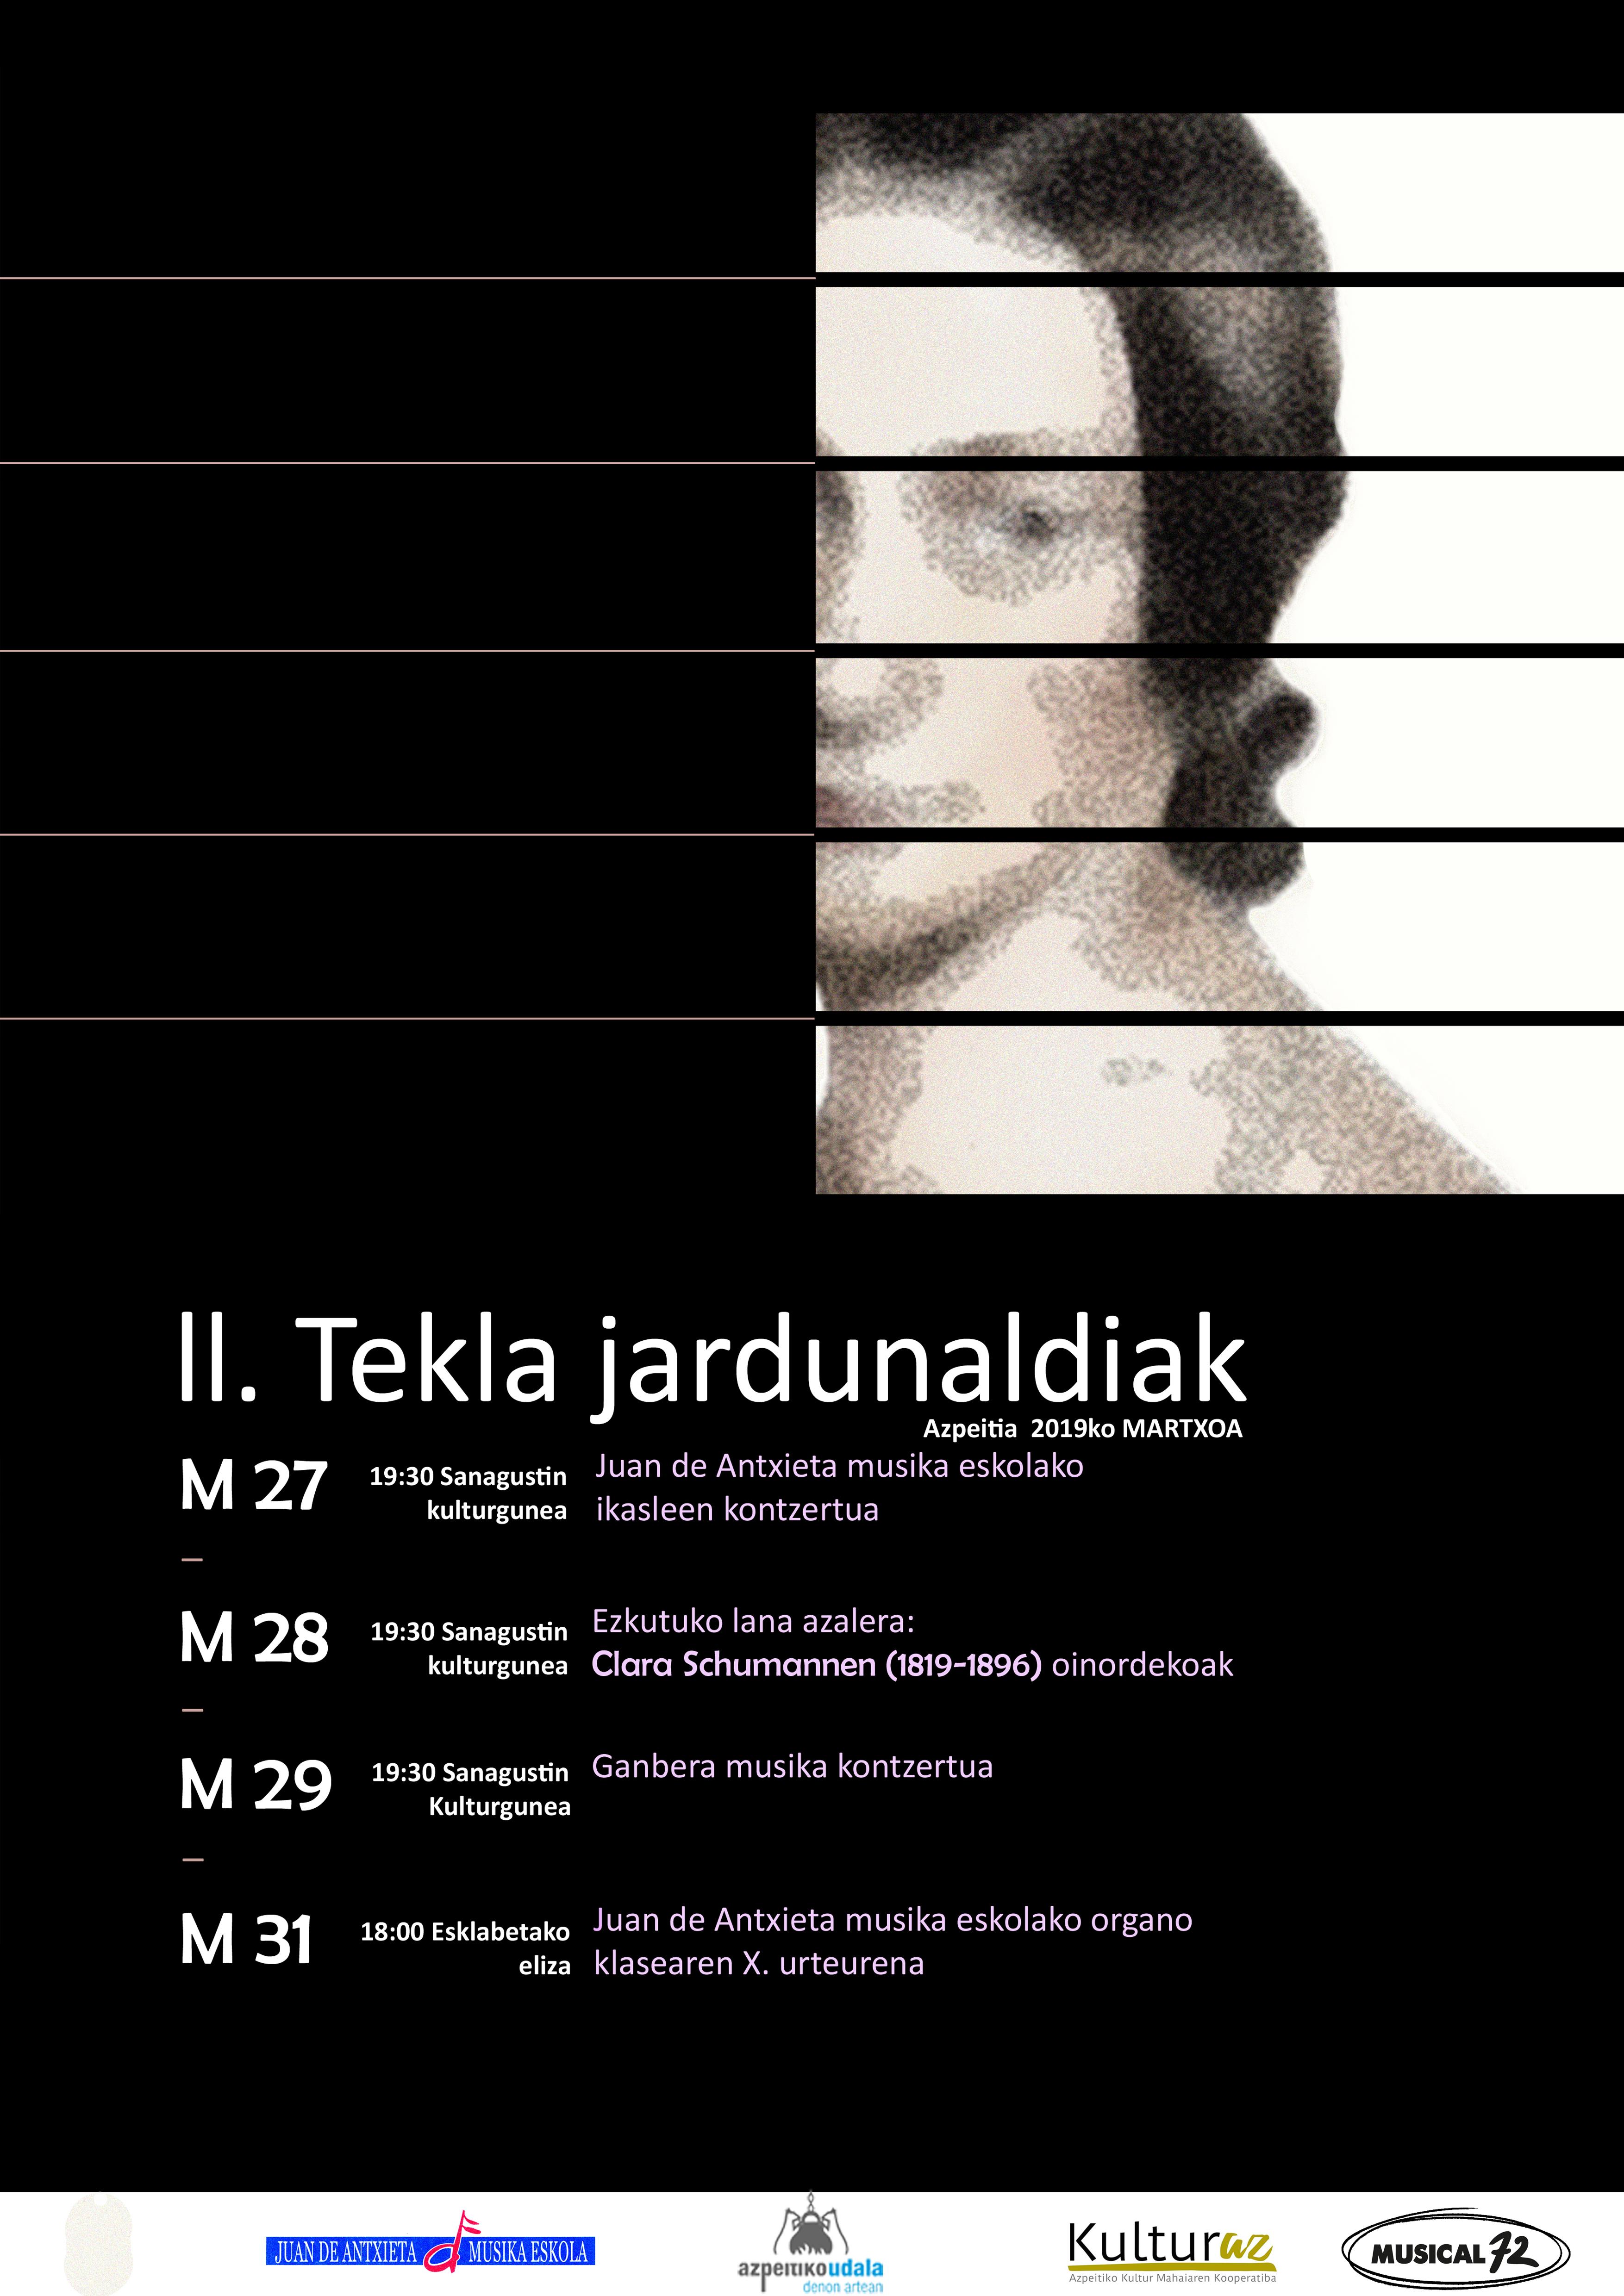 II. Tekla Jardunaldiak